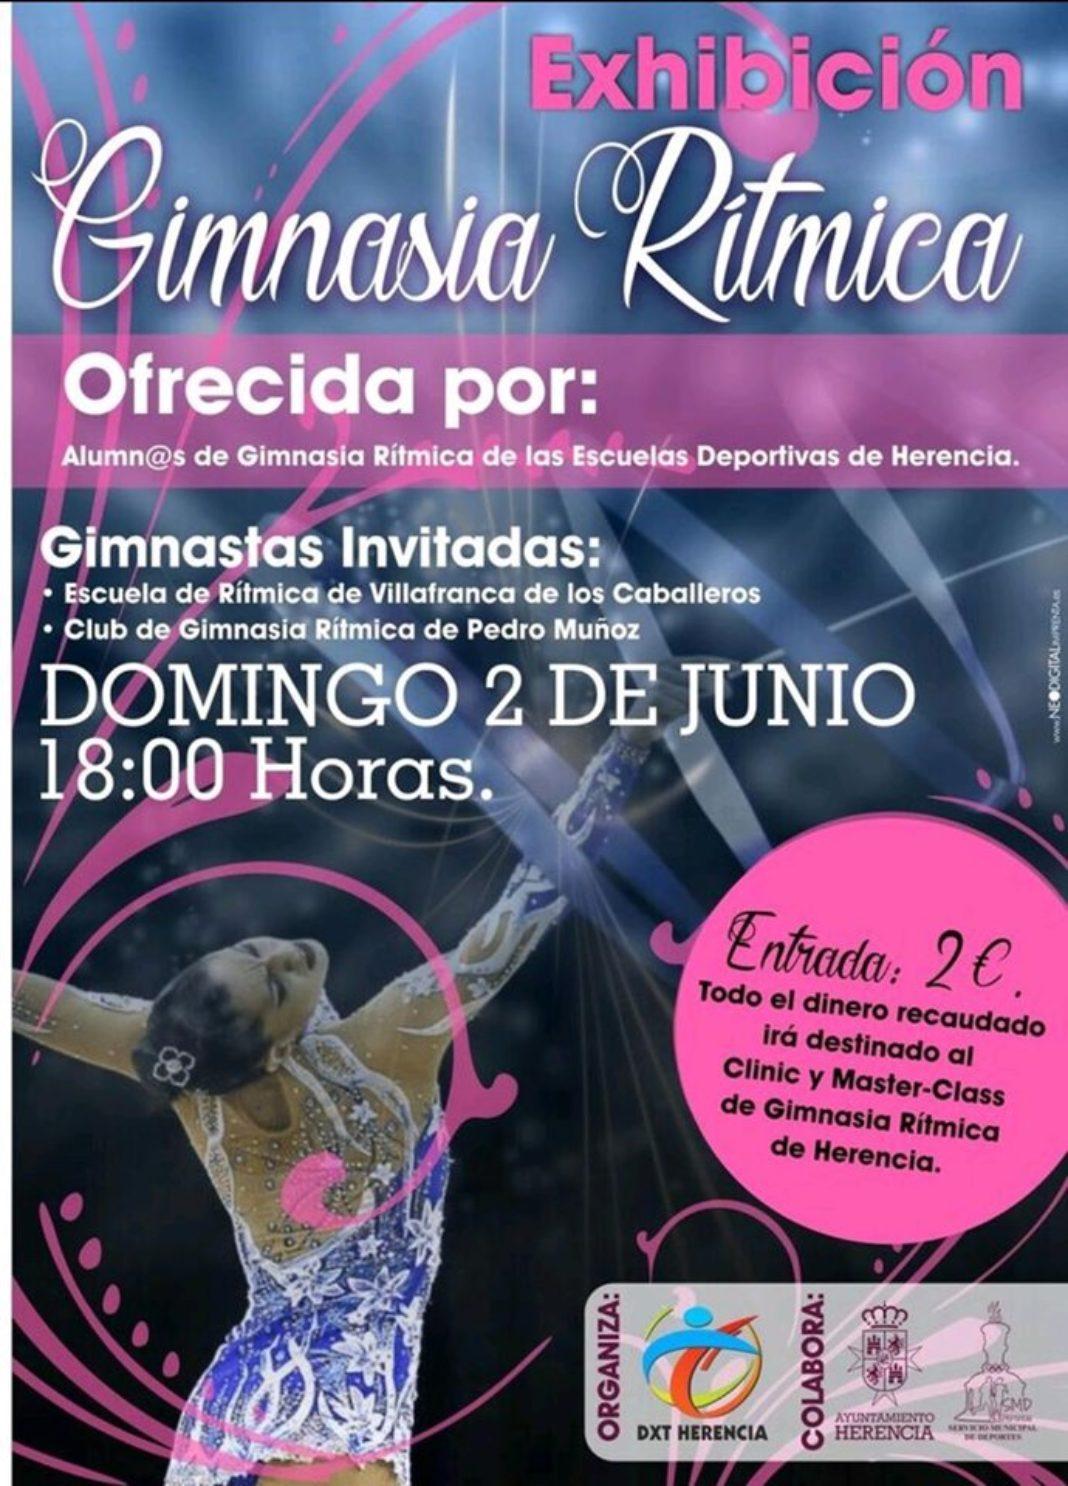 exhibición de gimnasia rítimica 1068x1486 - El polideportivo municipal acogerá una exhibición de gimnasia rítmica